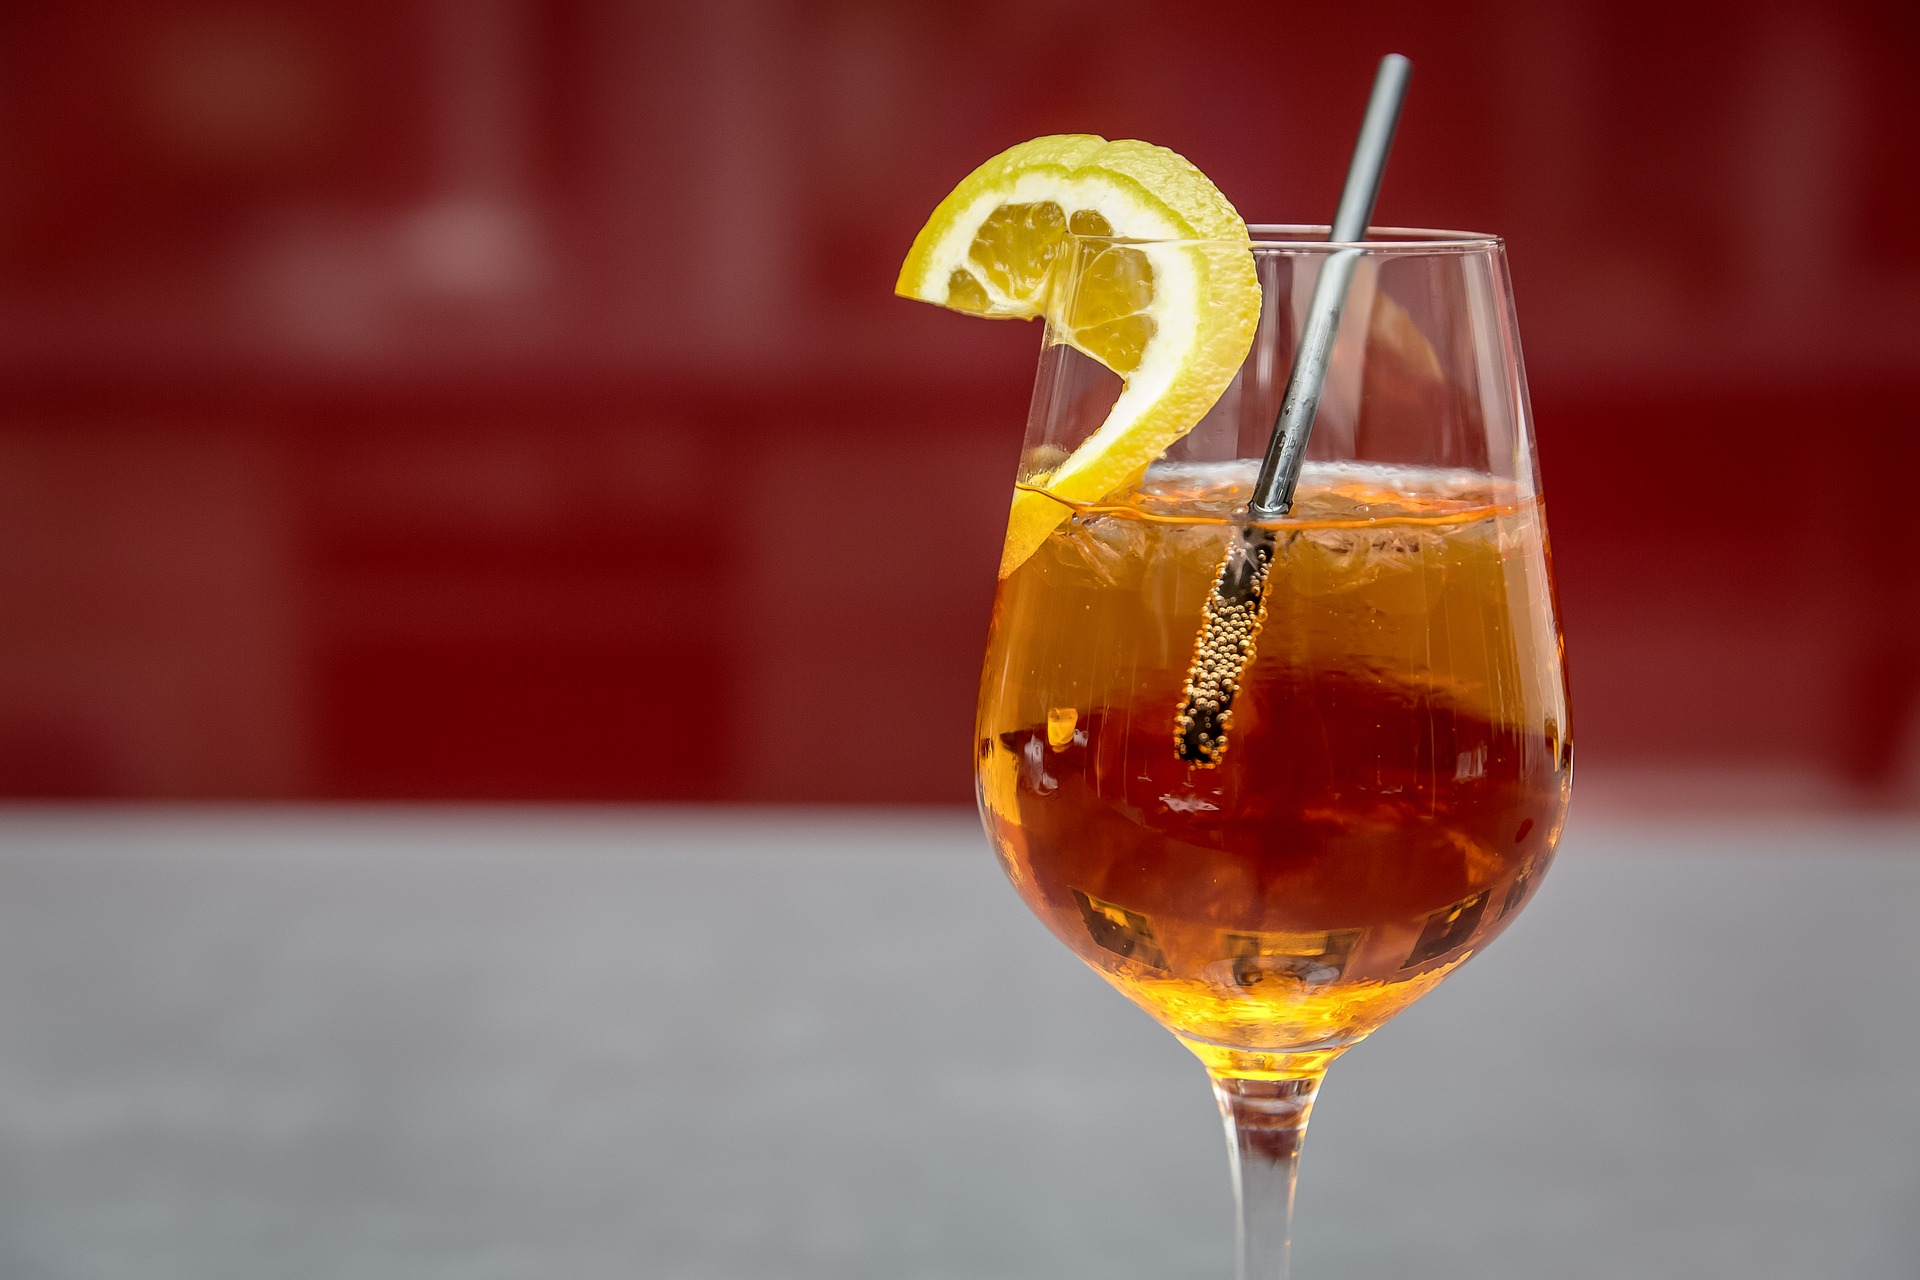 miglior aperitivo a milano